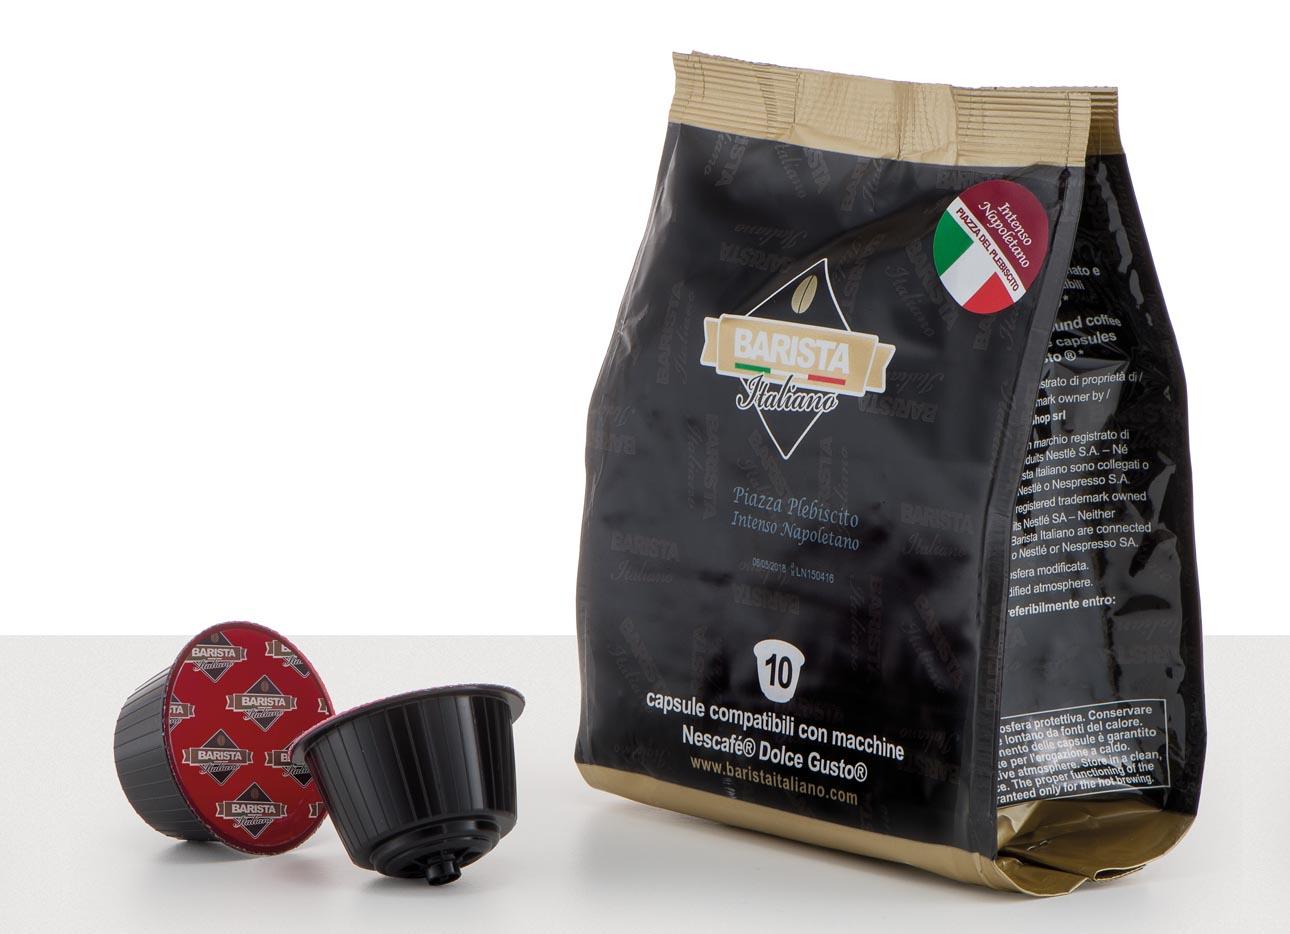 nescaf%C3%A9 dolce gusto capsule compatibili  Acquista online Dolce Gusto in capsule compatibili Nescafè ...